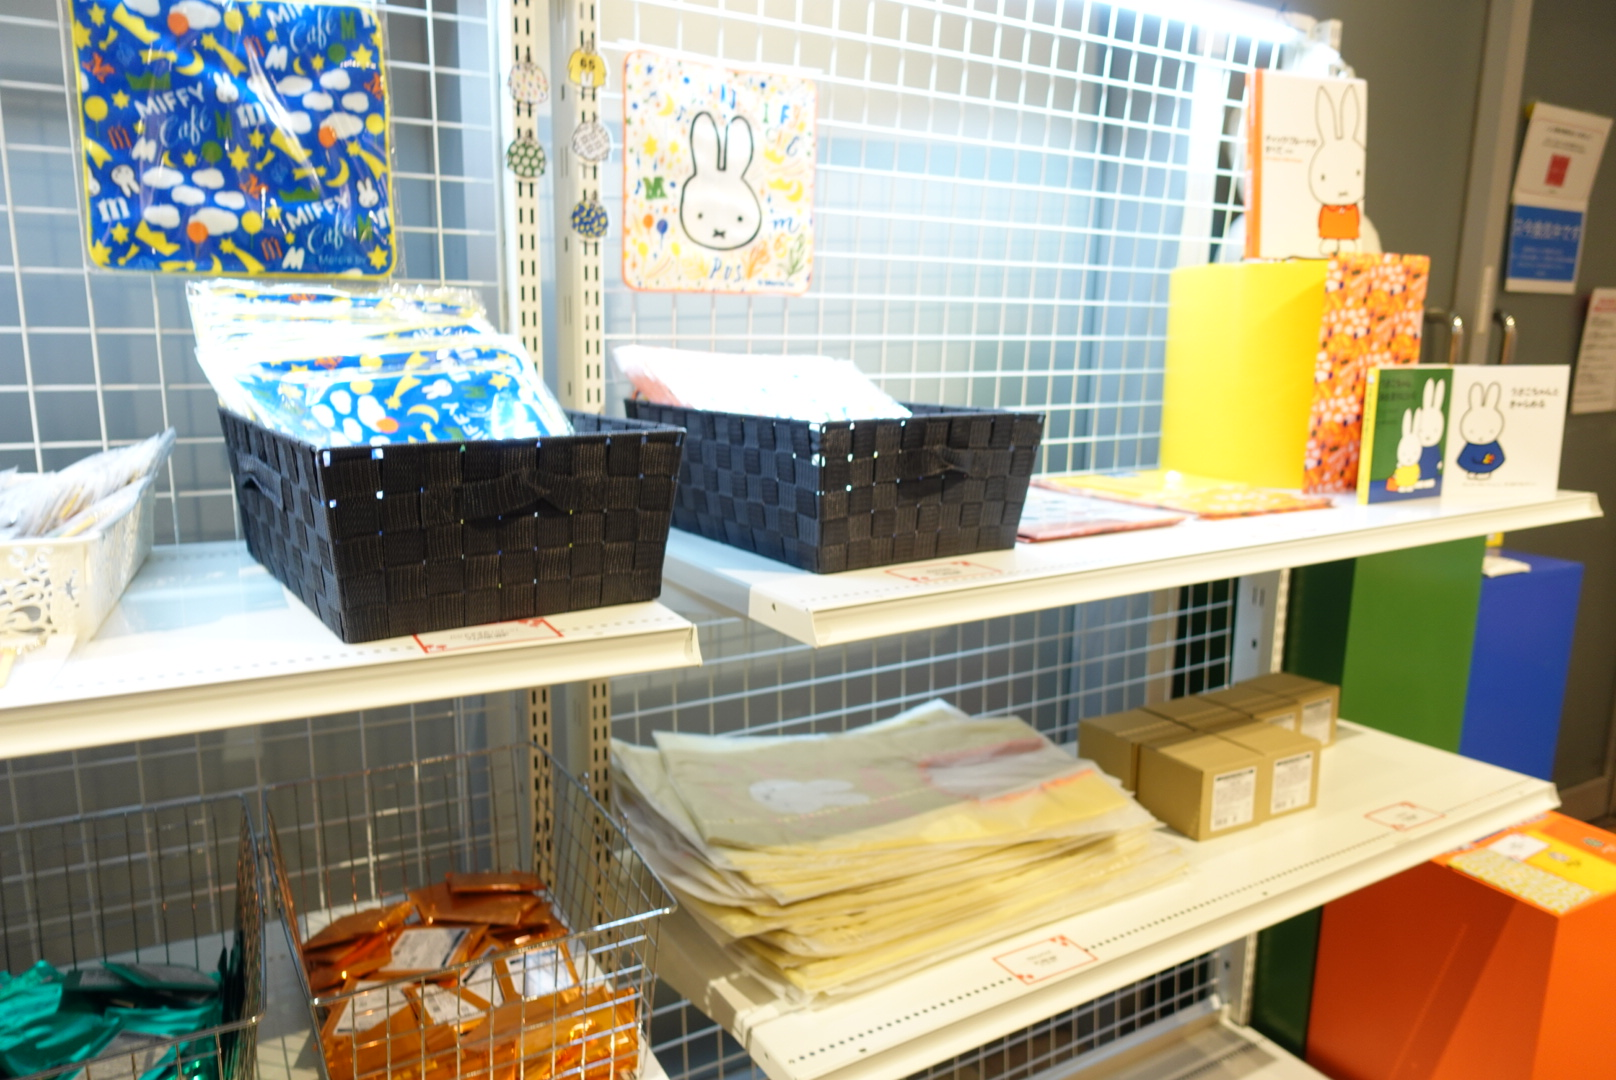 大阪上陸!『MIFFY cafe』ミッフィー65周年を記念してオープン!オランダ料理やグッズが盛りだくさん!かわいすぎるし期間限定なので早く予約してみてね_7